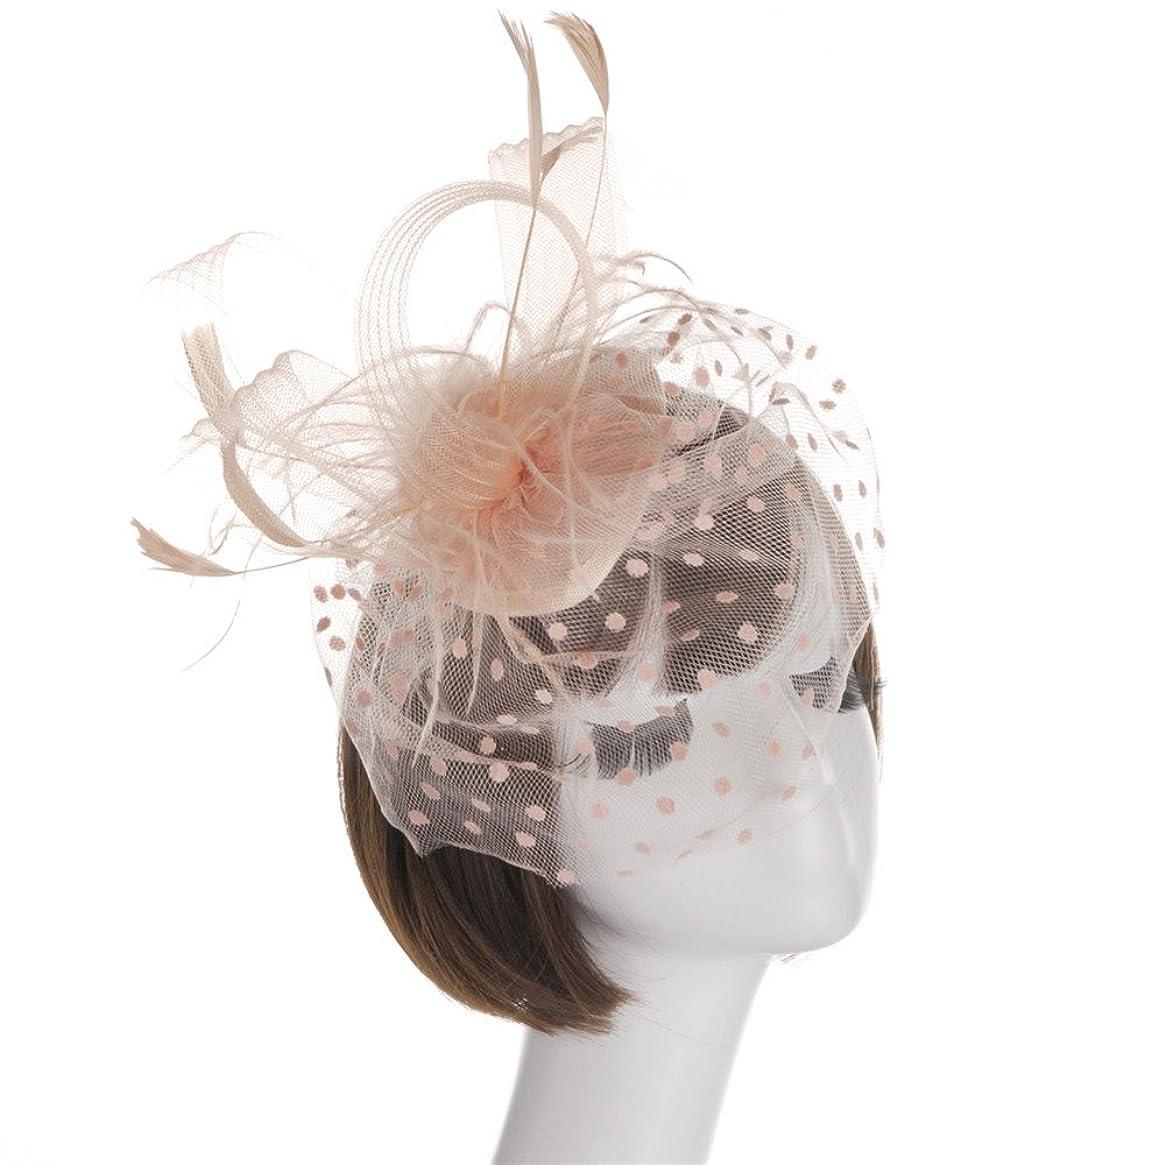 そう気怠い保育園女性の魅力的な帽子 女性のエレガントな魅惑的な帽子ブライダルフェザーヘアクリップアクセサリーカクテルロイヤルアスコット (色 : オレンジ)